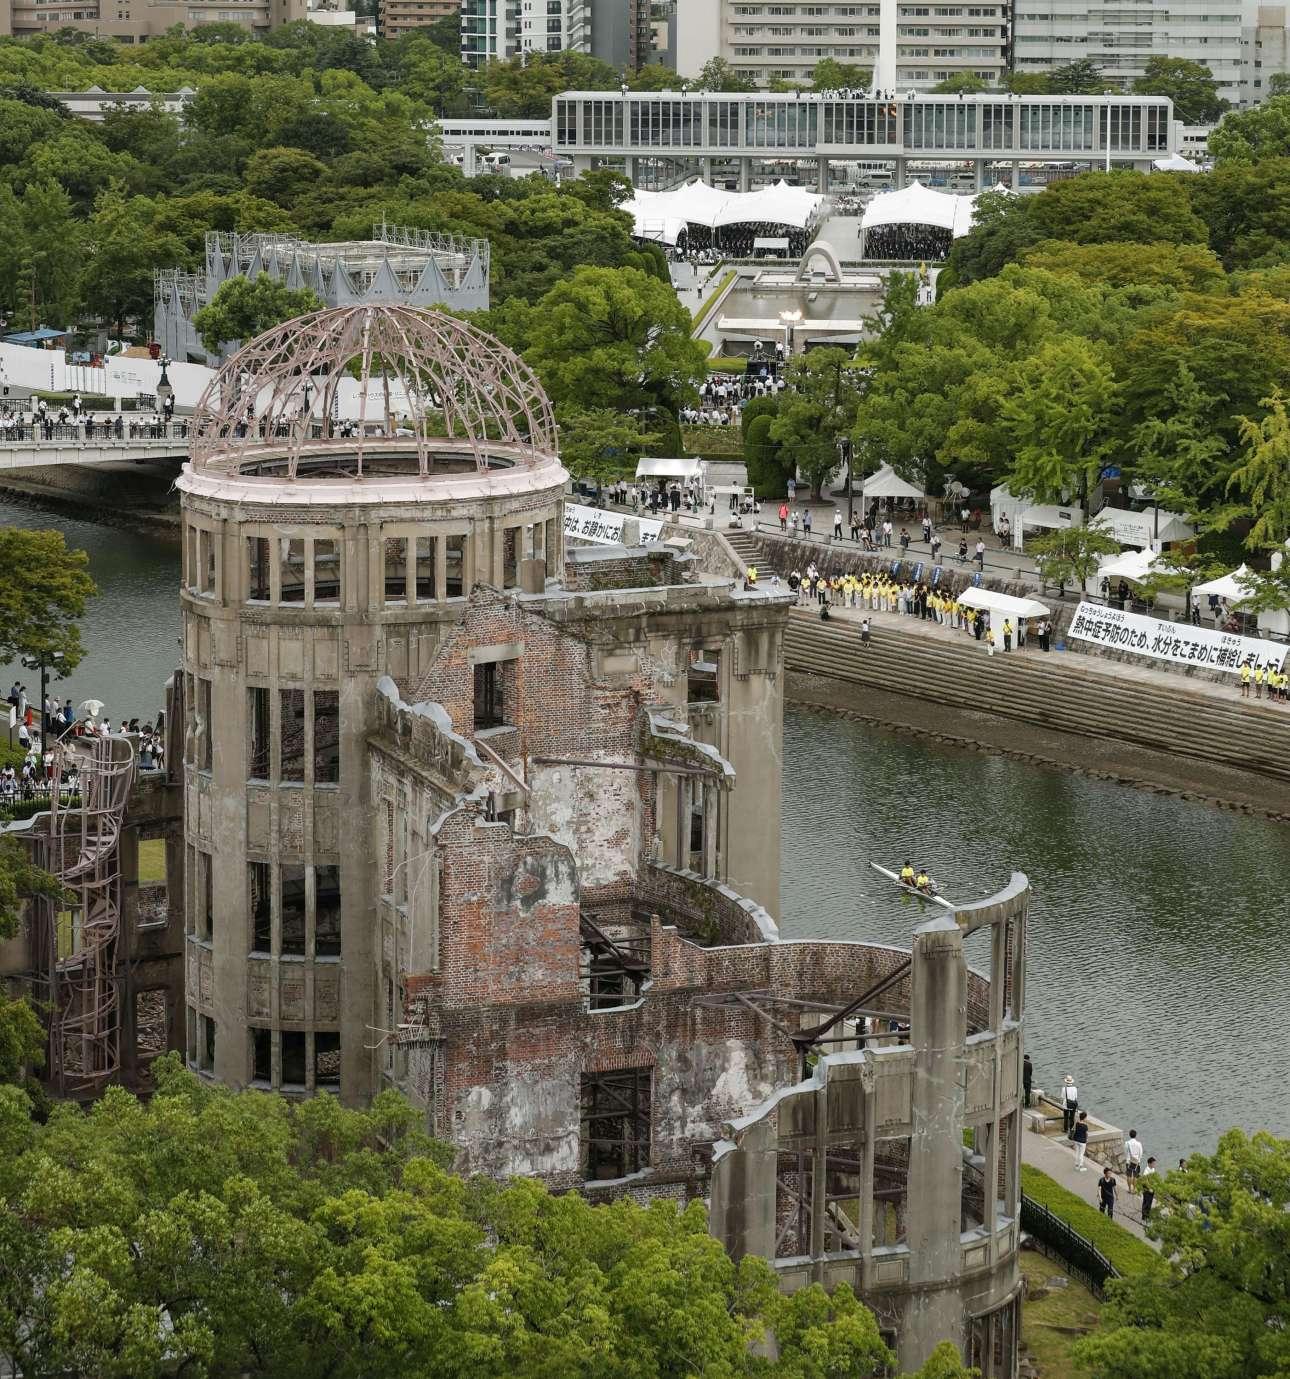 Ο θόλος της Χιροσίμα, ένα από τα ελάχιστα κτίρια που διασώθηκαν από την έκρηξη της ατομικής βόμβας